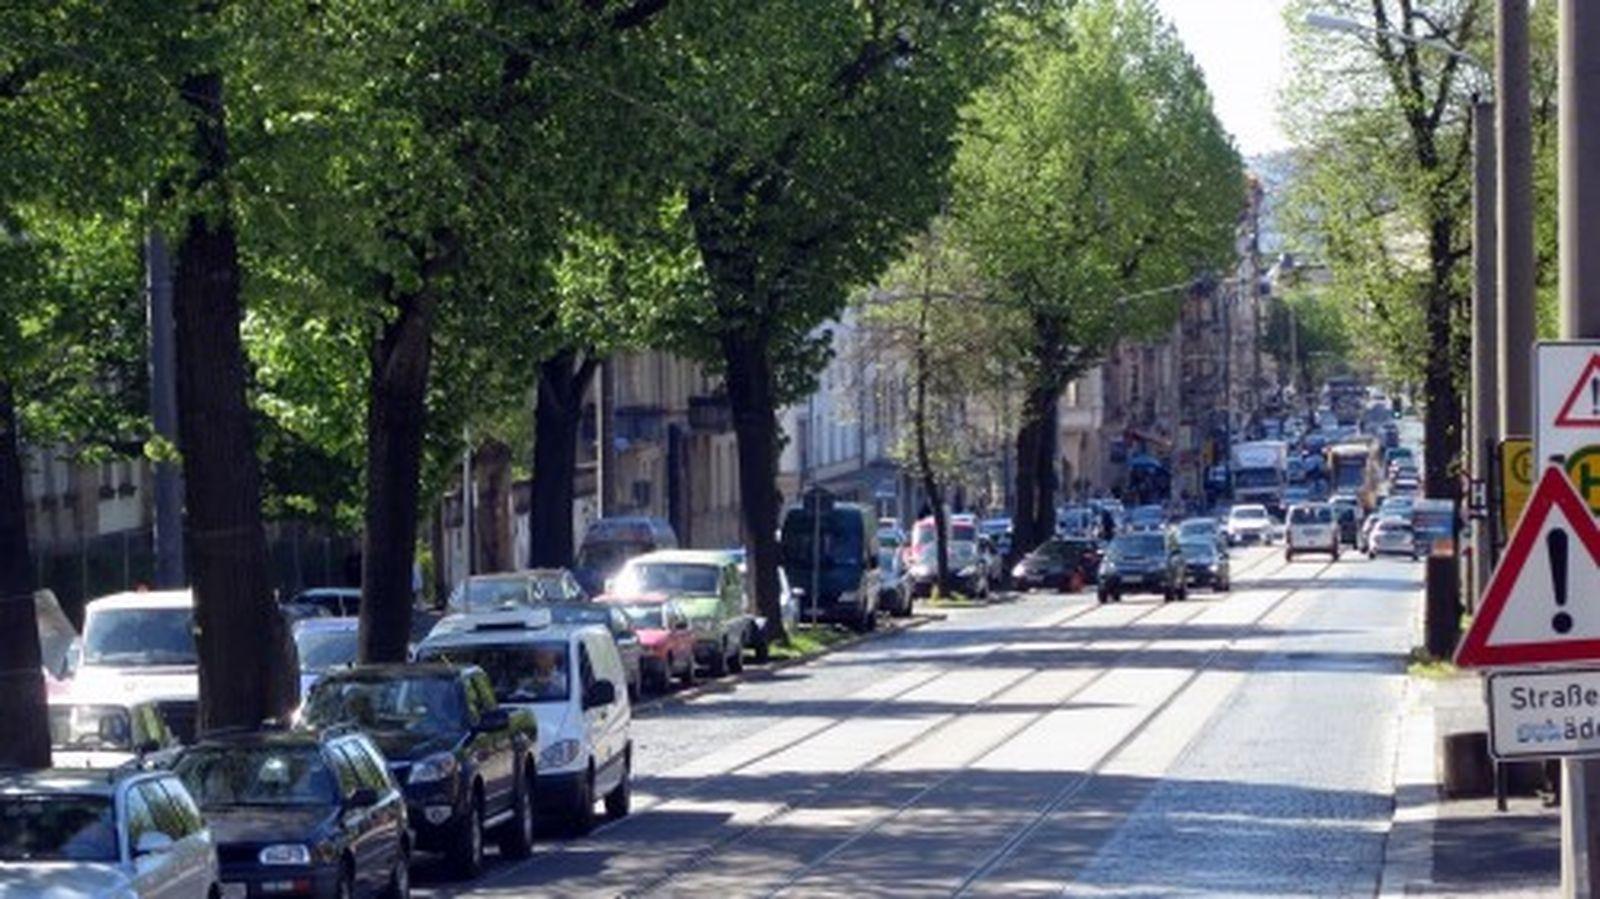 Nördlich des Bischofsweges müssen die Bäume links weichen, dafür gibt es Ersatzpflanzungen